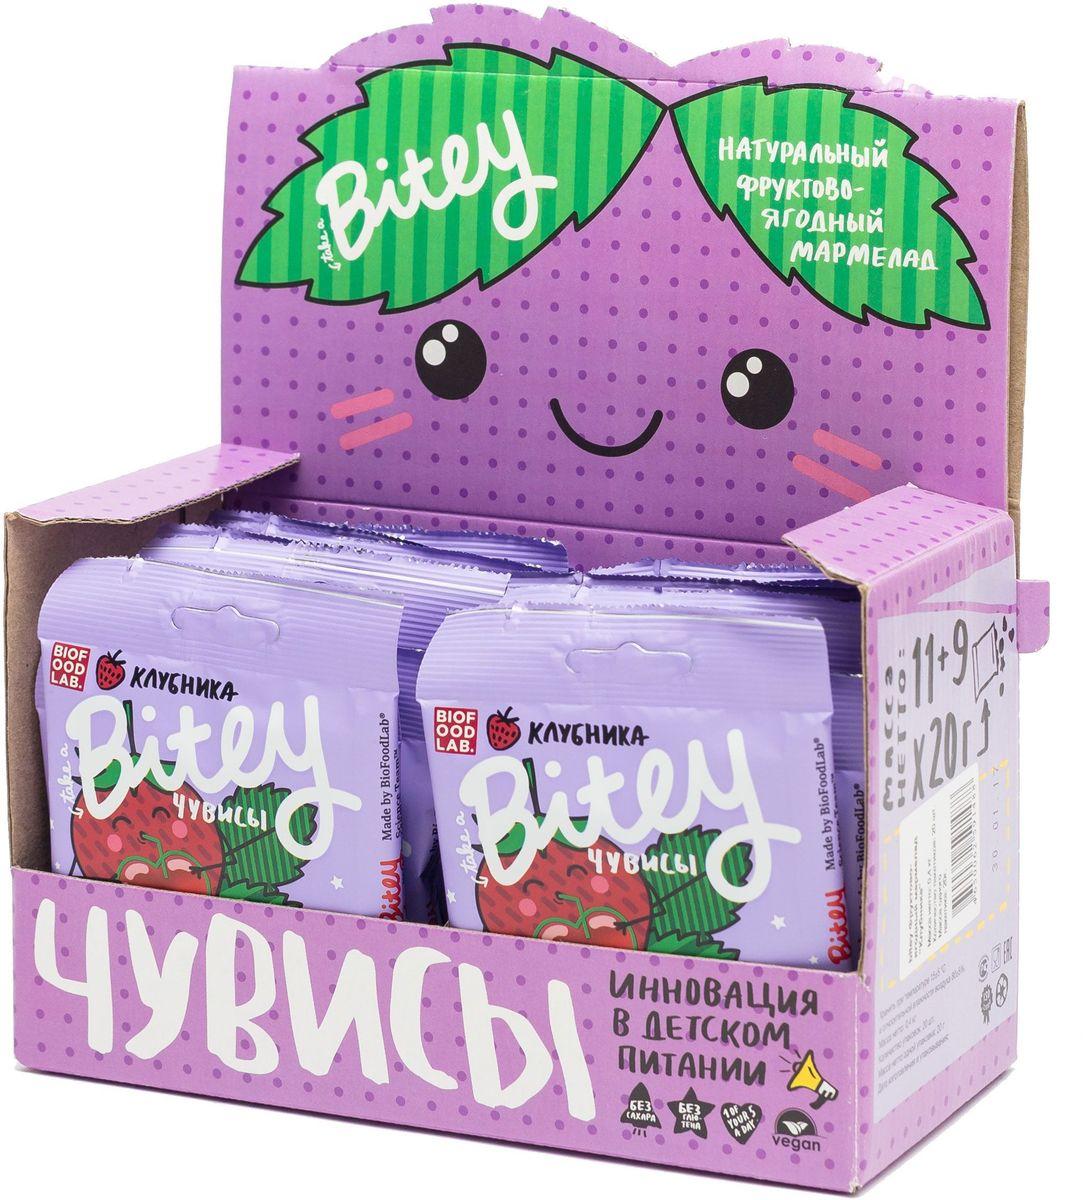 Take A Bitey чувисы клубника мармелад, 20 шт по 20 гФР-00000454Чувисы Bitey - абсолютно натуральный жевательный мармелад, разработанный специально для детей.В составе нет консервантов, сои, молока, глютена, добавленного сахара, ГМО, желатина. В составе жевательного мармелада используется пектин.Пектин – абсолютно натуральный ингредиент, который получают из яблок. Пектин является естественным очистителем организма от шлаков, благодаря его обволакивающим и вяжущим свойствам он благоприятно сказывается на состоянии слизистой оболочки желудочно-кишечного тракта.